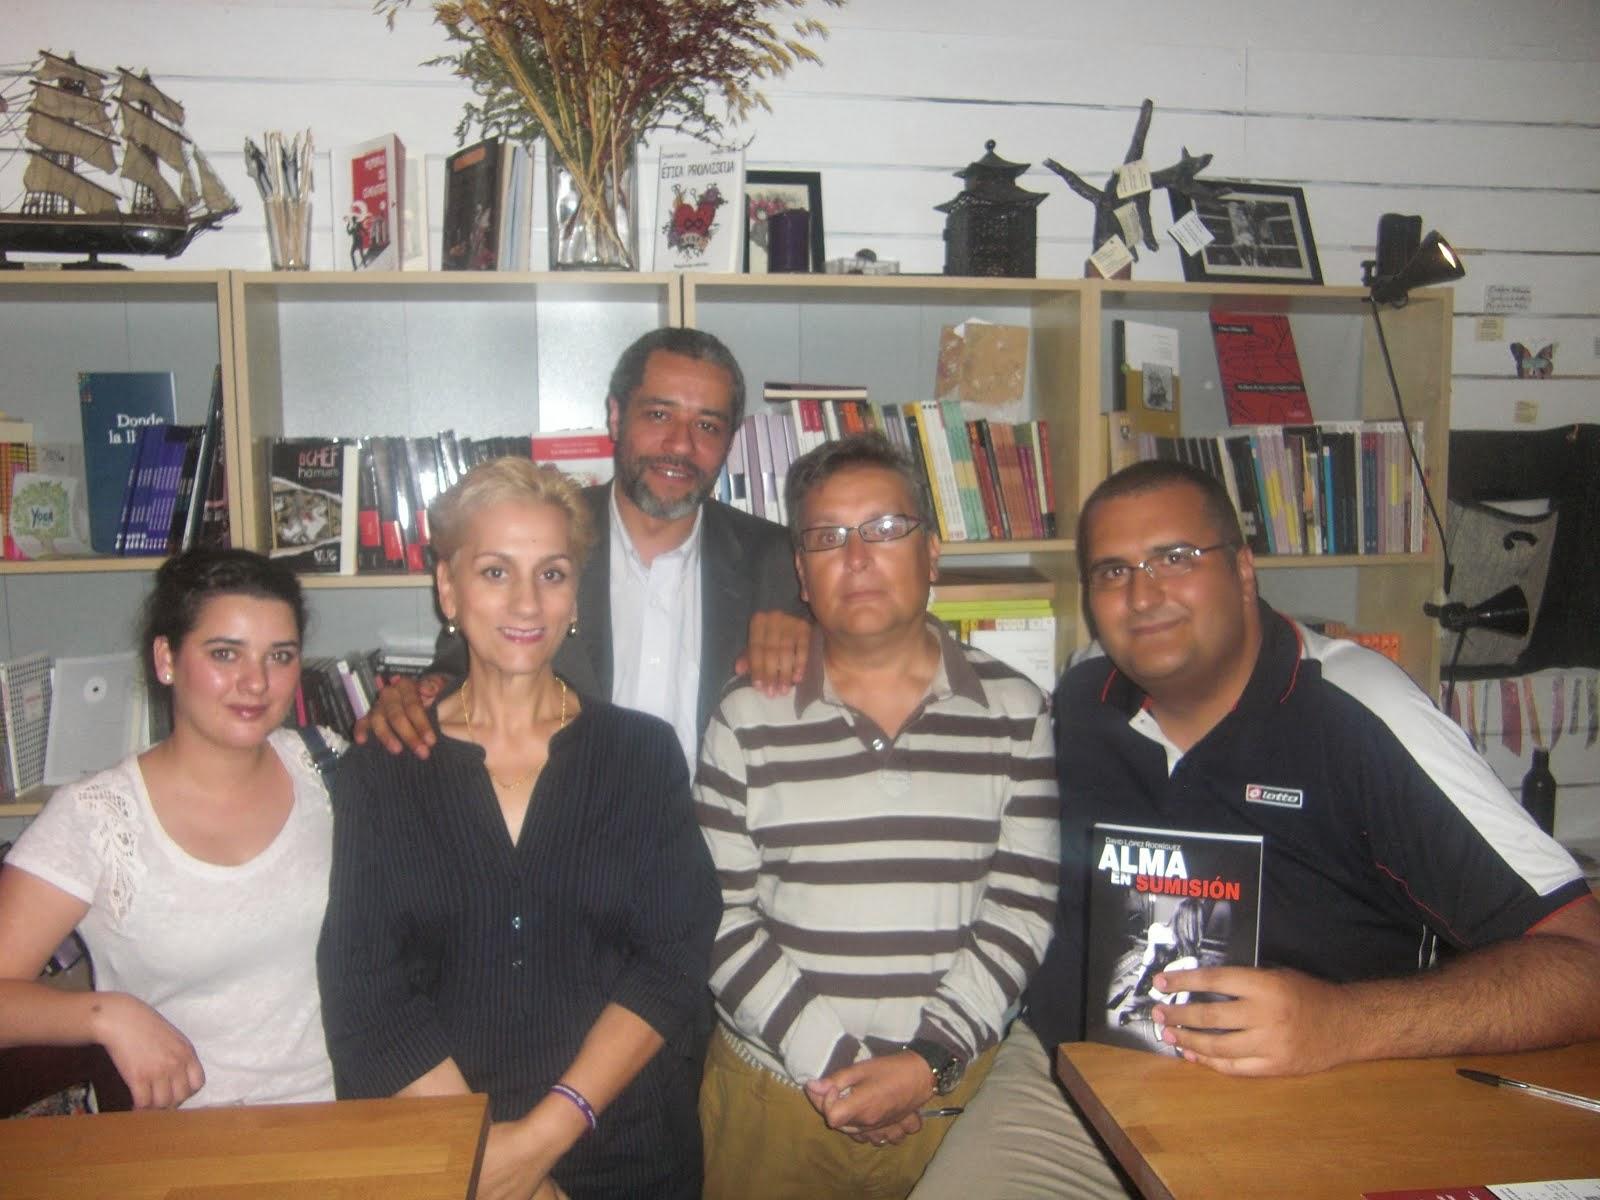 Con compañeros autores y editor de mi próxima novela.